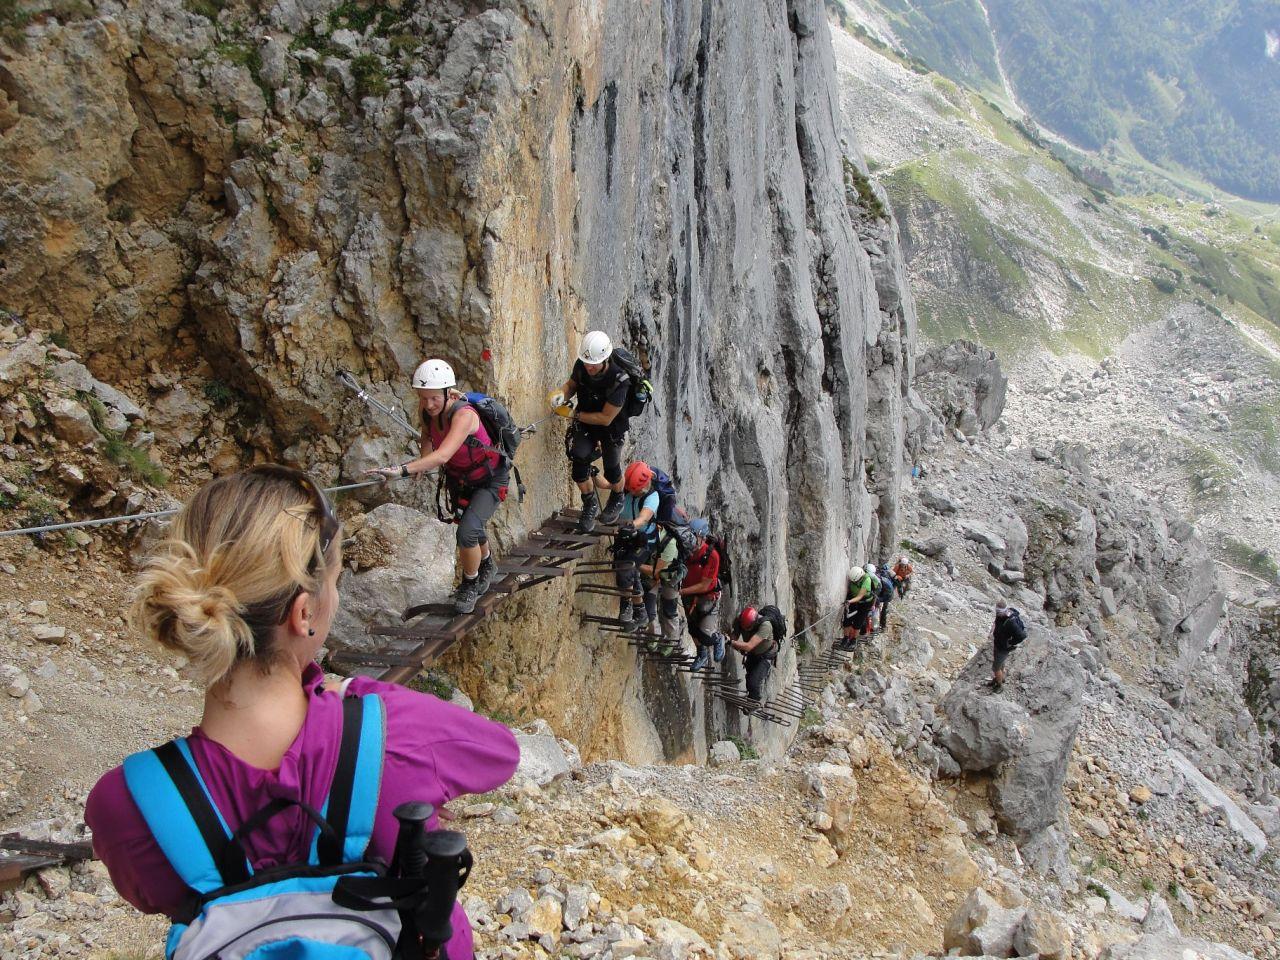 Klettersteig Wilder Kaiser : 2013 08 29 wilder kaiser klettersteige alpenverein